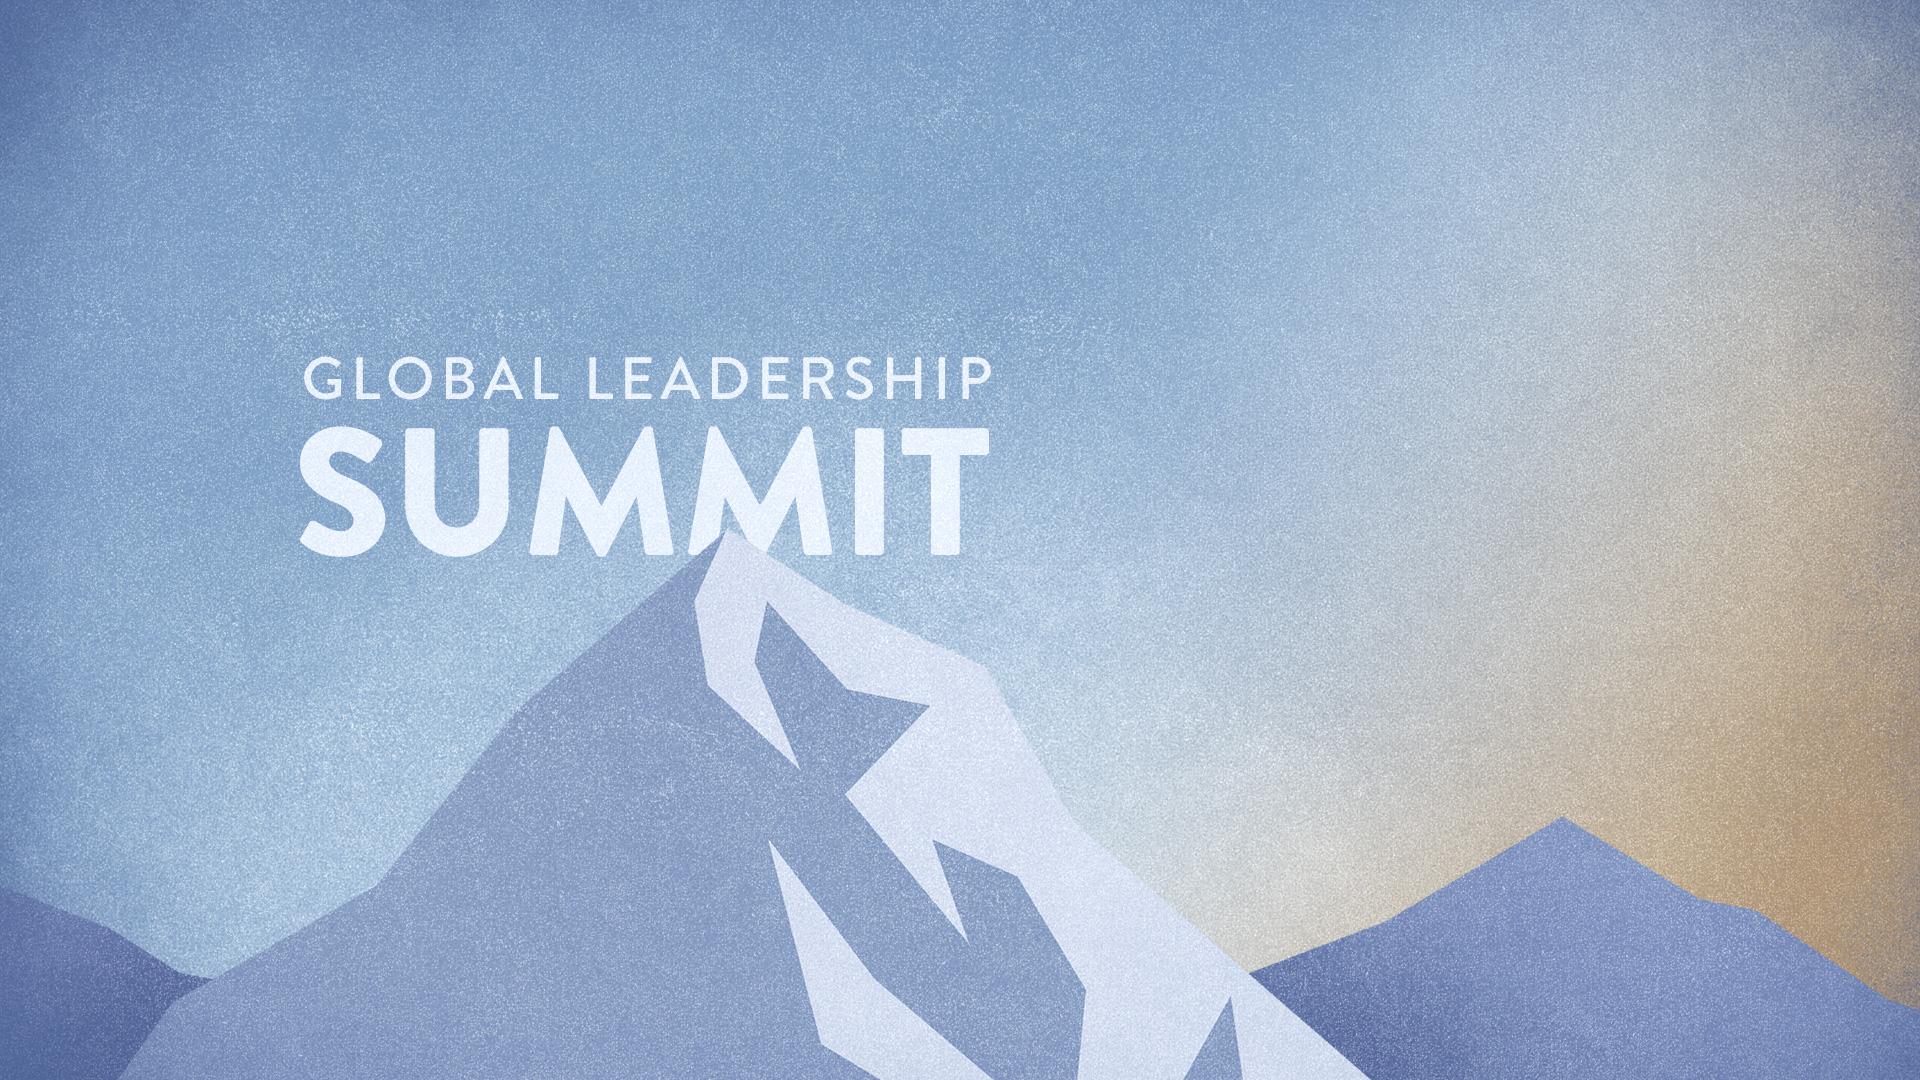 Image: The Global Leadership Summit 2020